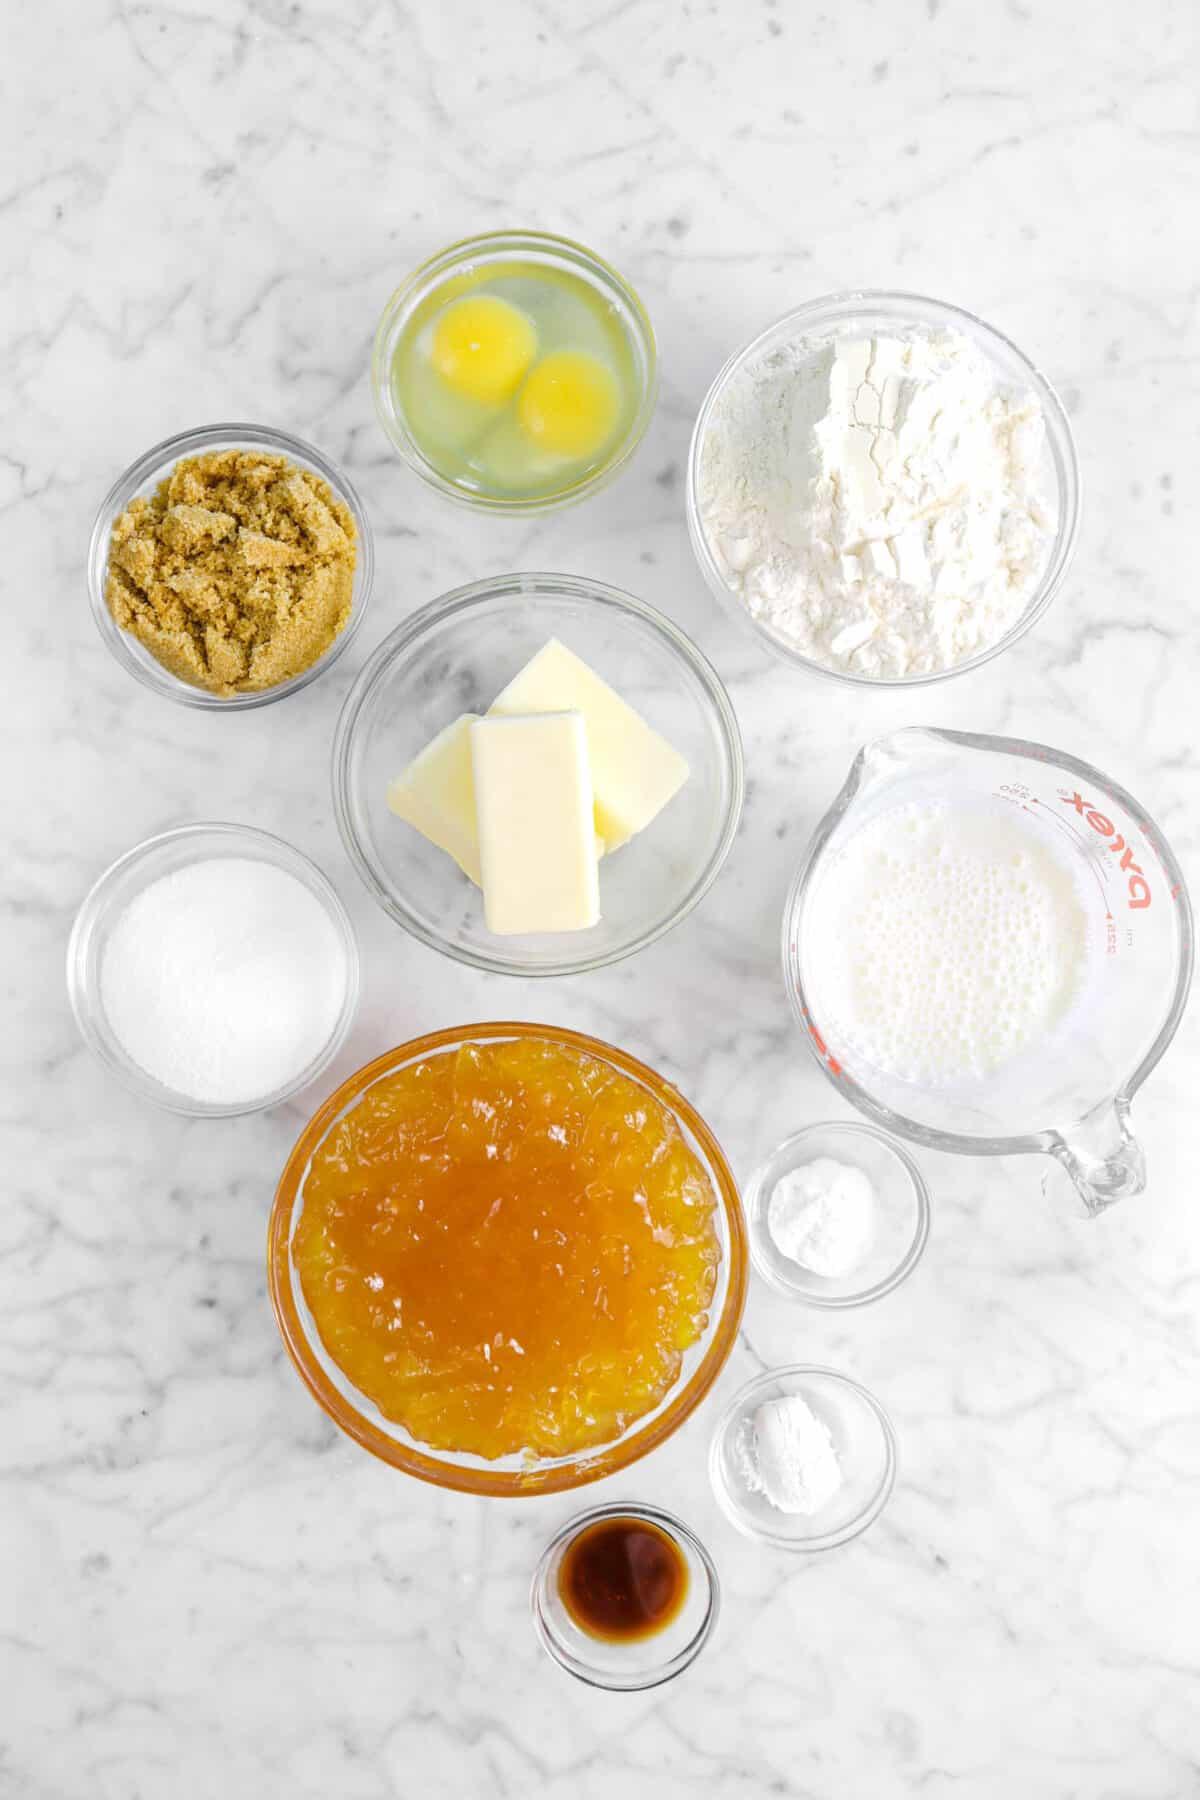 eggs, flour, brown sugar, butter, buttermilk, sugar, peach preserves, baking soda, baking powder, and vanilla in glass bowls